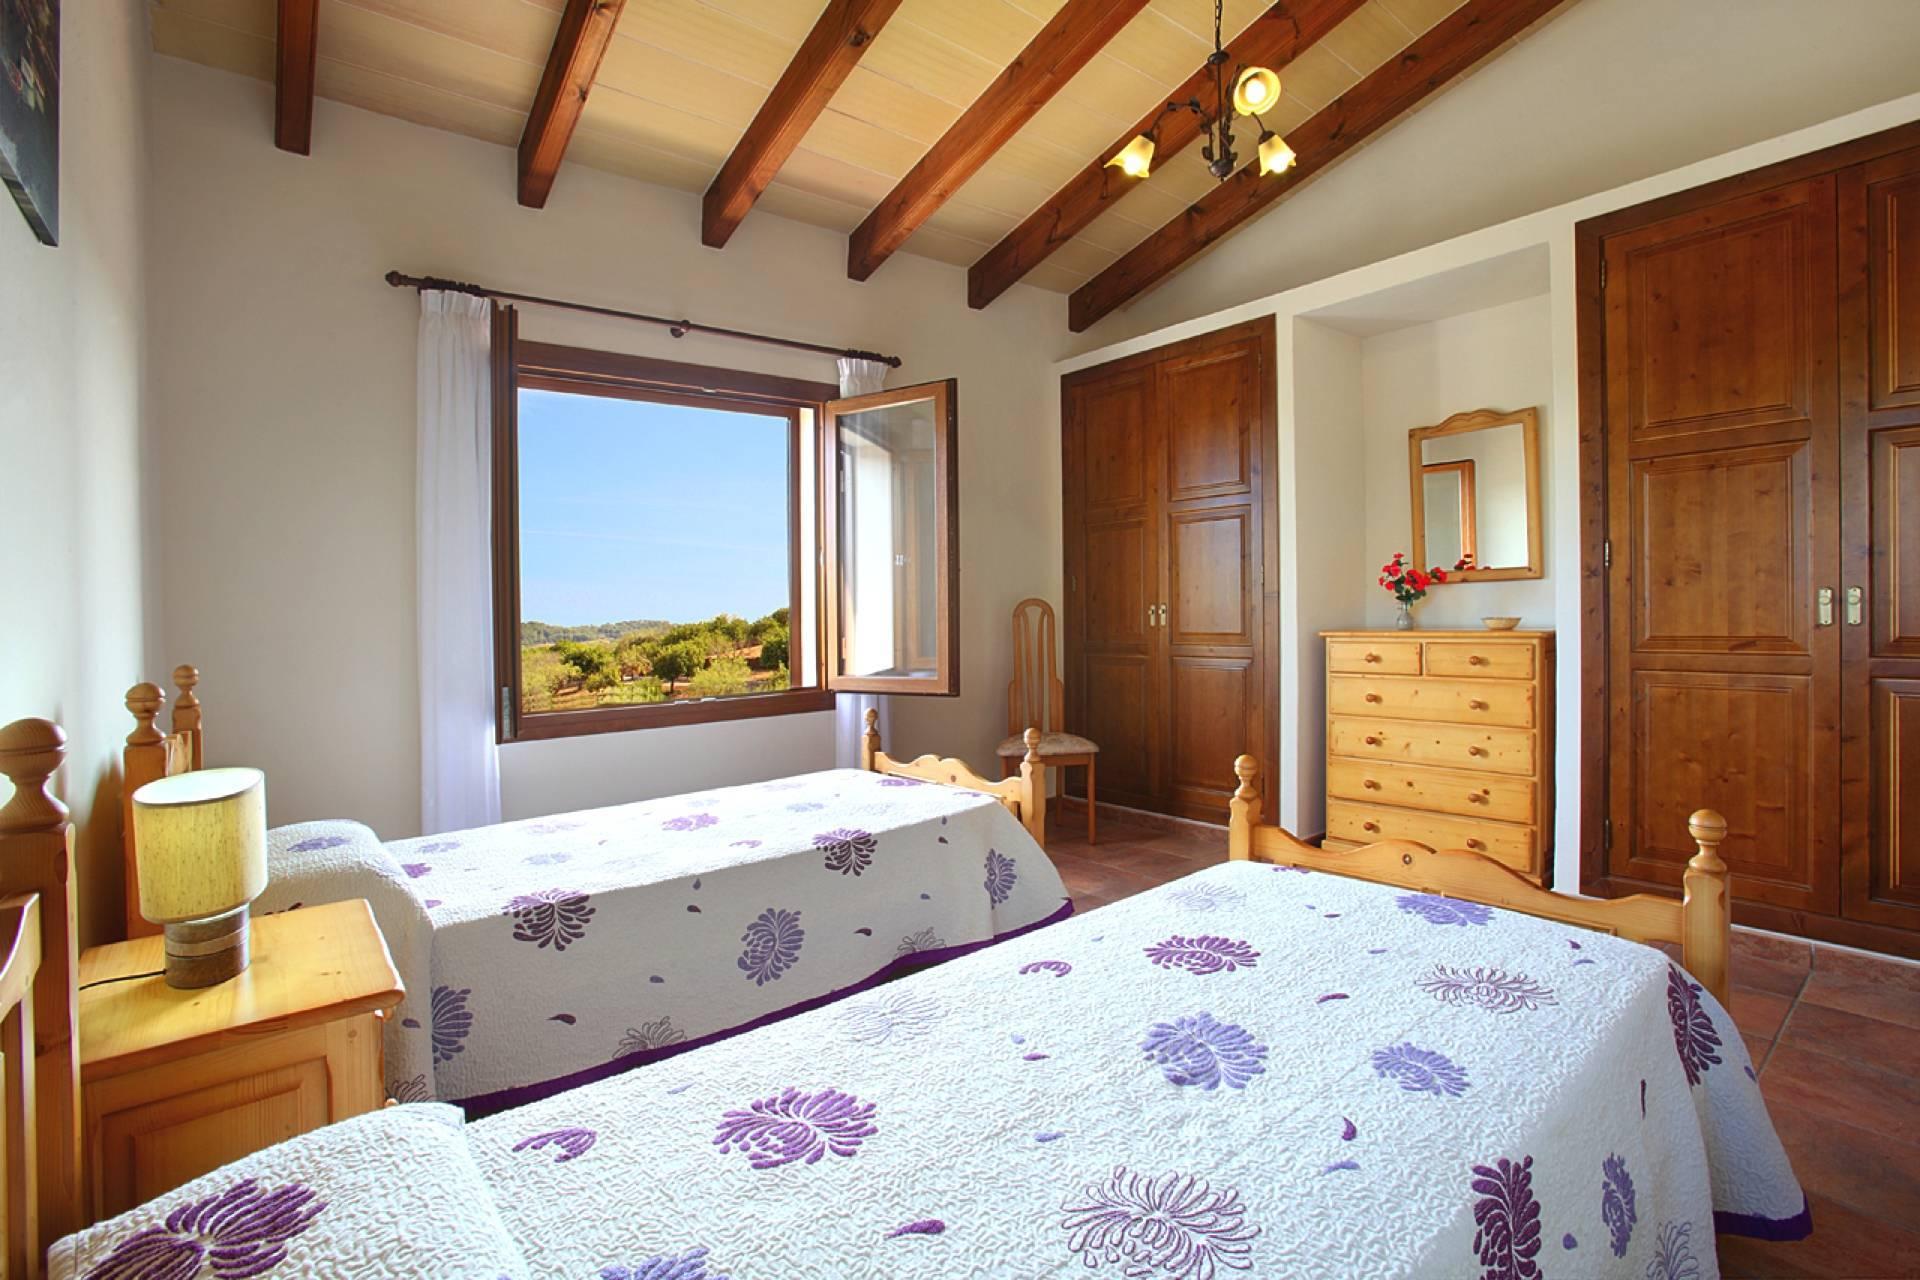 01-159 Ländliches Ferienhaus Mallorca Osten Bild 31